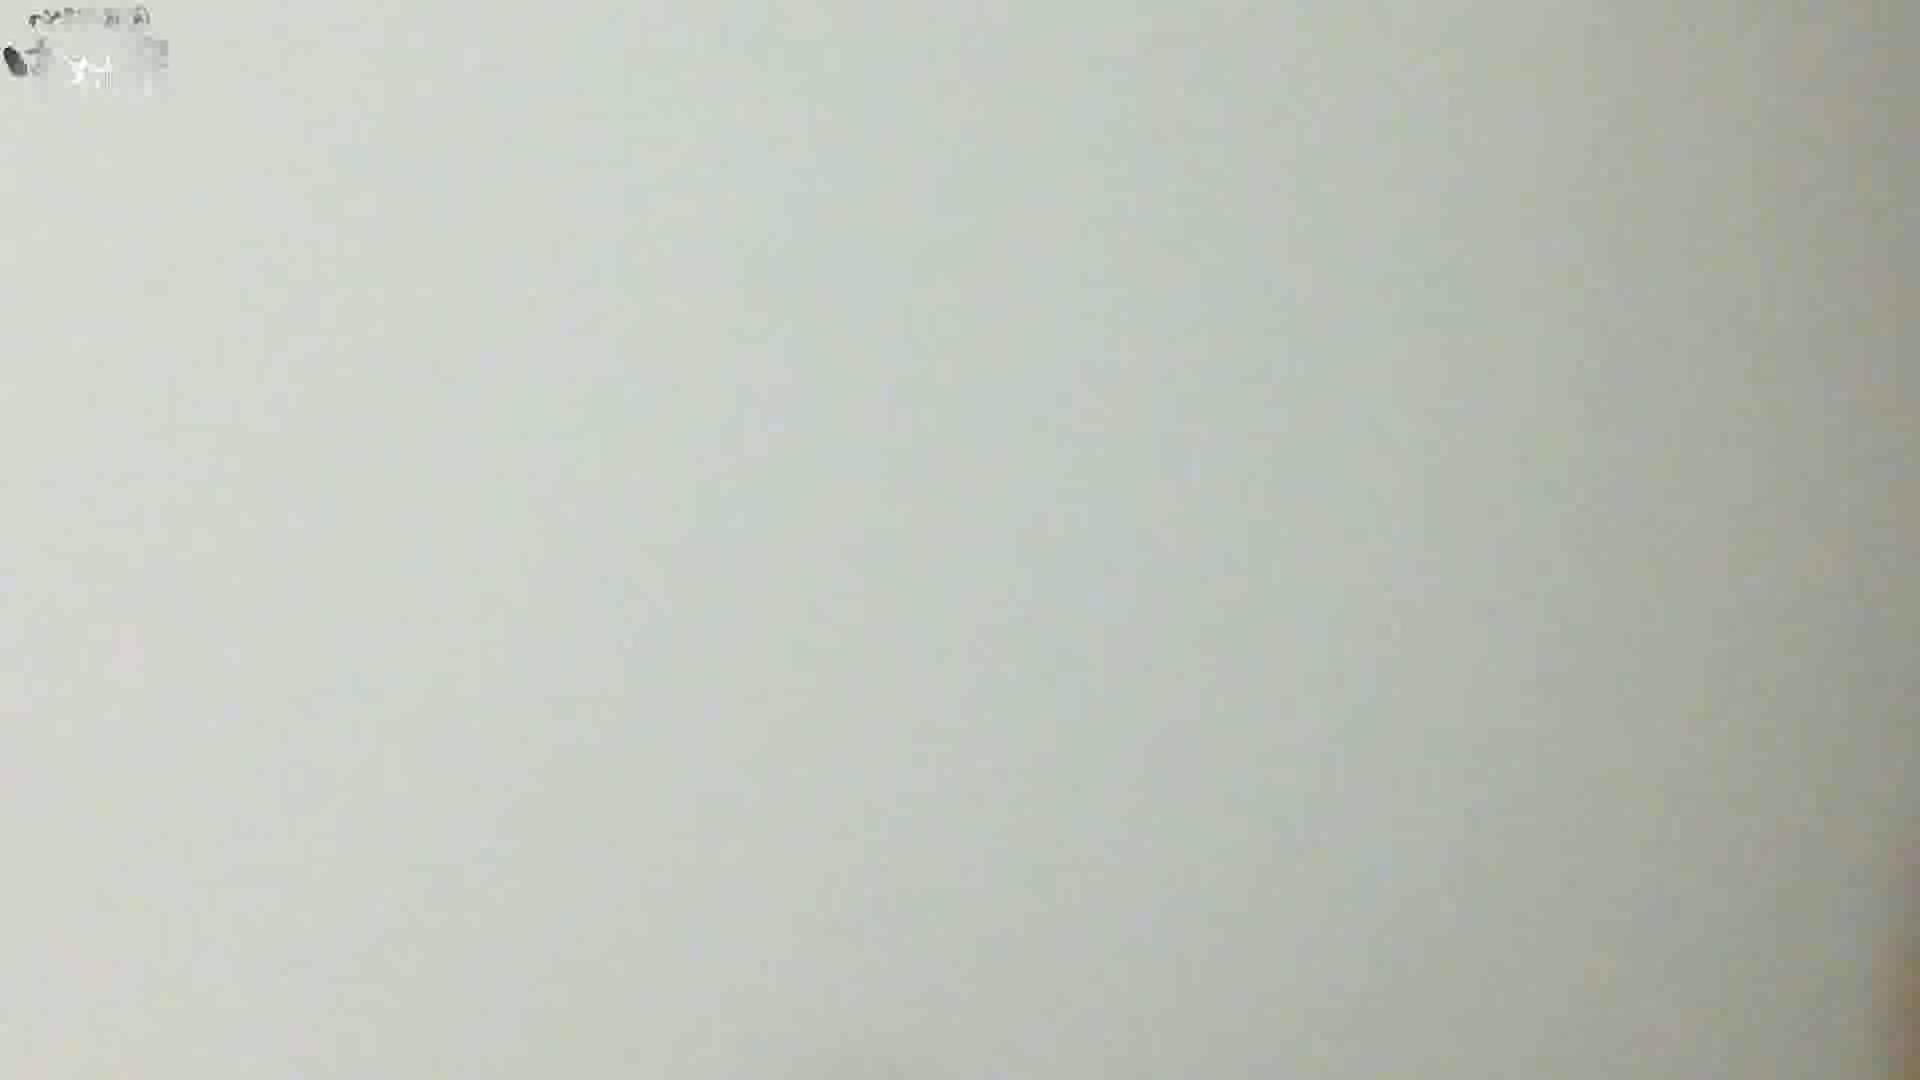 部活女子トイレ潜入編vol.3 盗撮 | トイレ  75画像 1